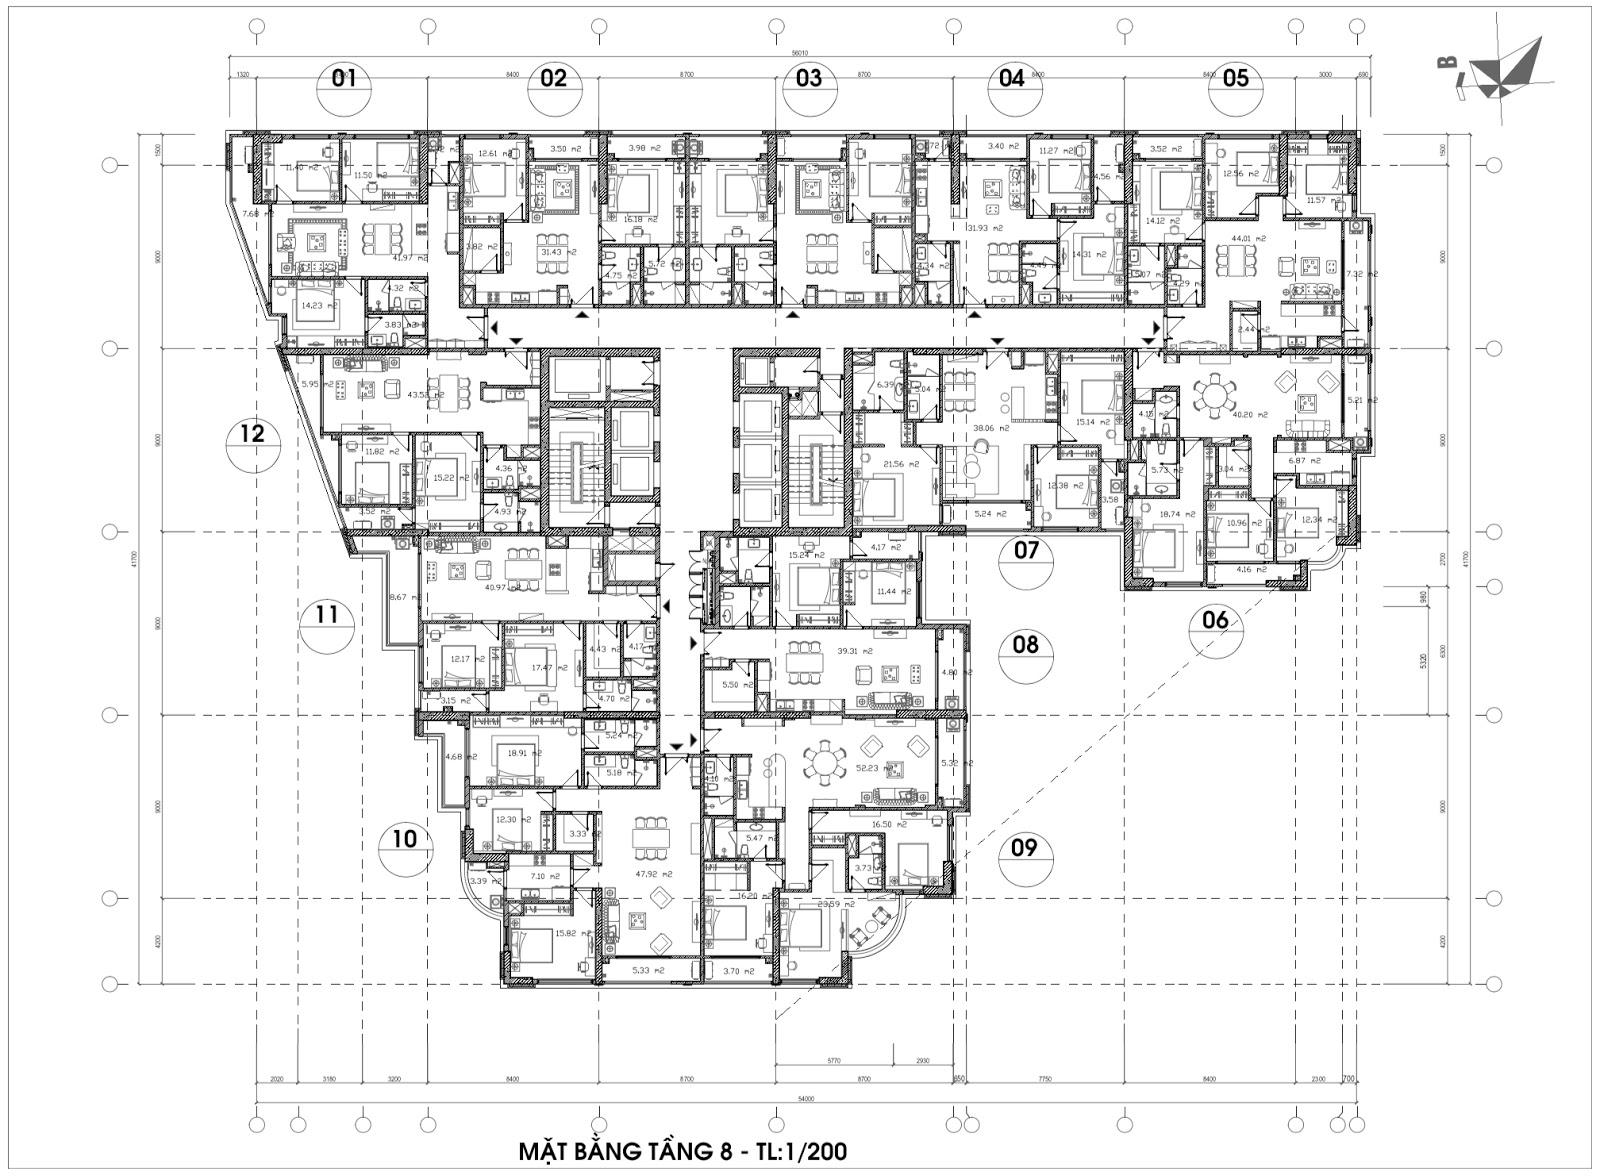 Mặt bằng điển hình tầng 8 dự án Hateco La Roma Huỳnh Thúc Kháng